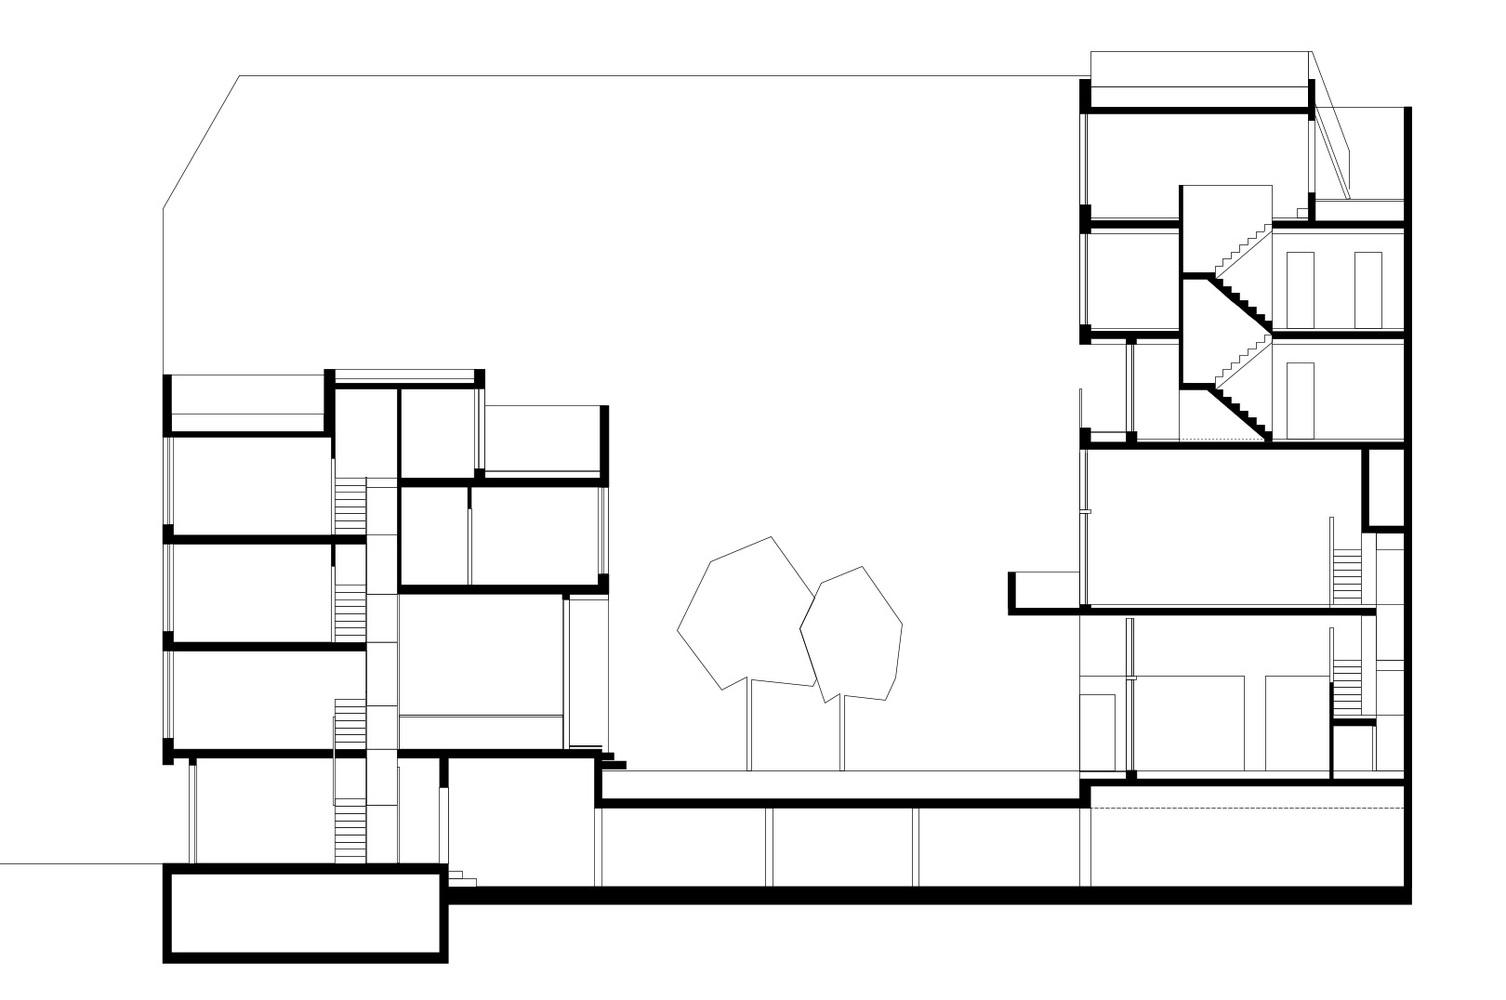 gallery of bigyard zanderroth architekten 9. Black Bedroom Furniture Sets. Home Design Ideas